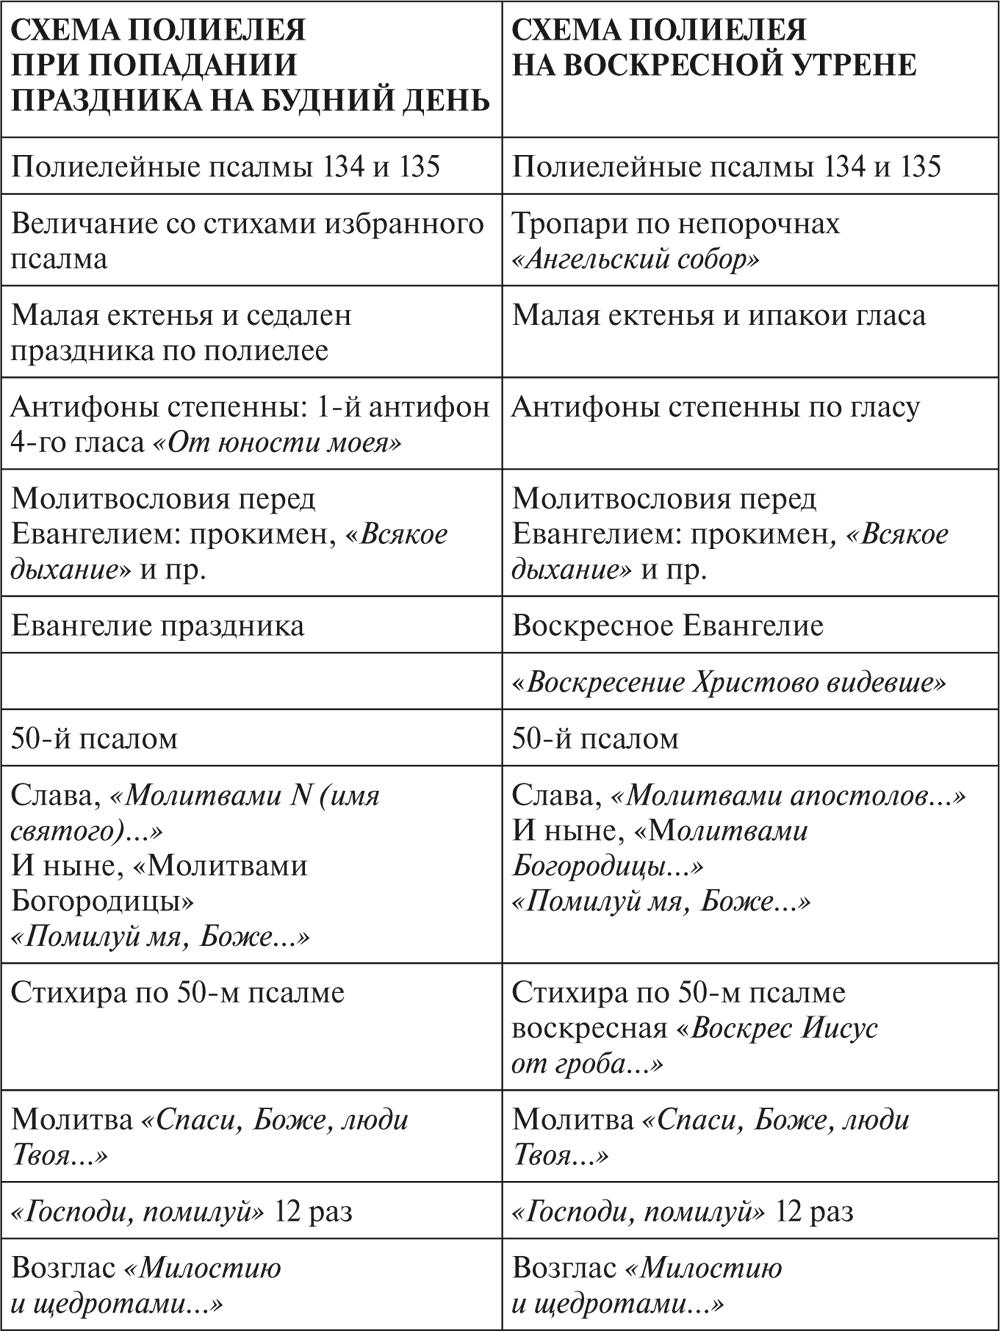 Божественная литургия: текст службы с пояснениями, сколько длится, схема, как проходит